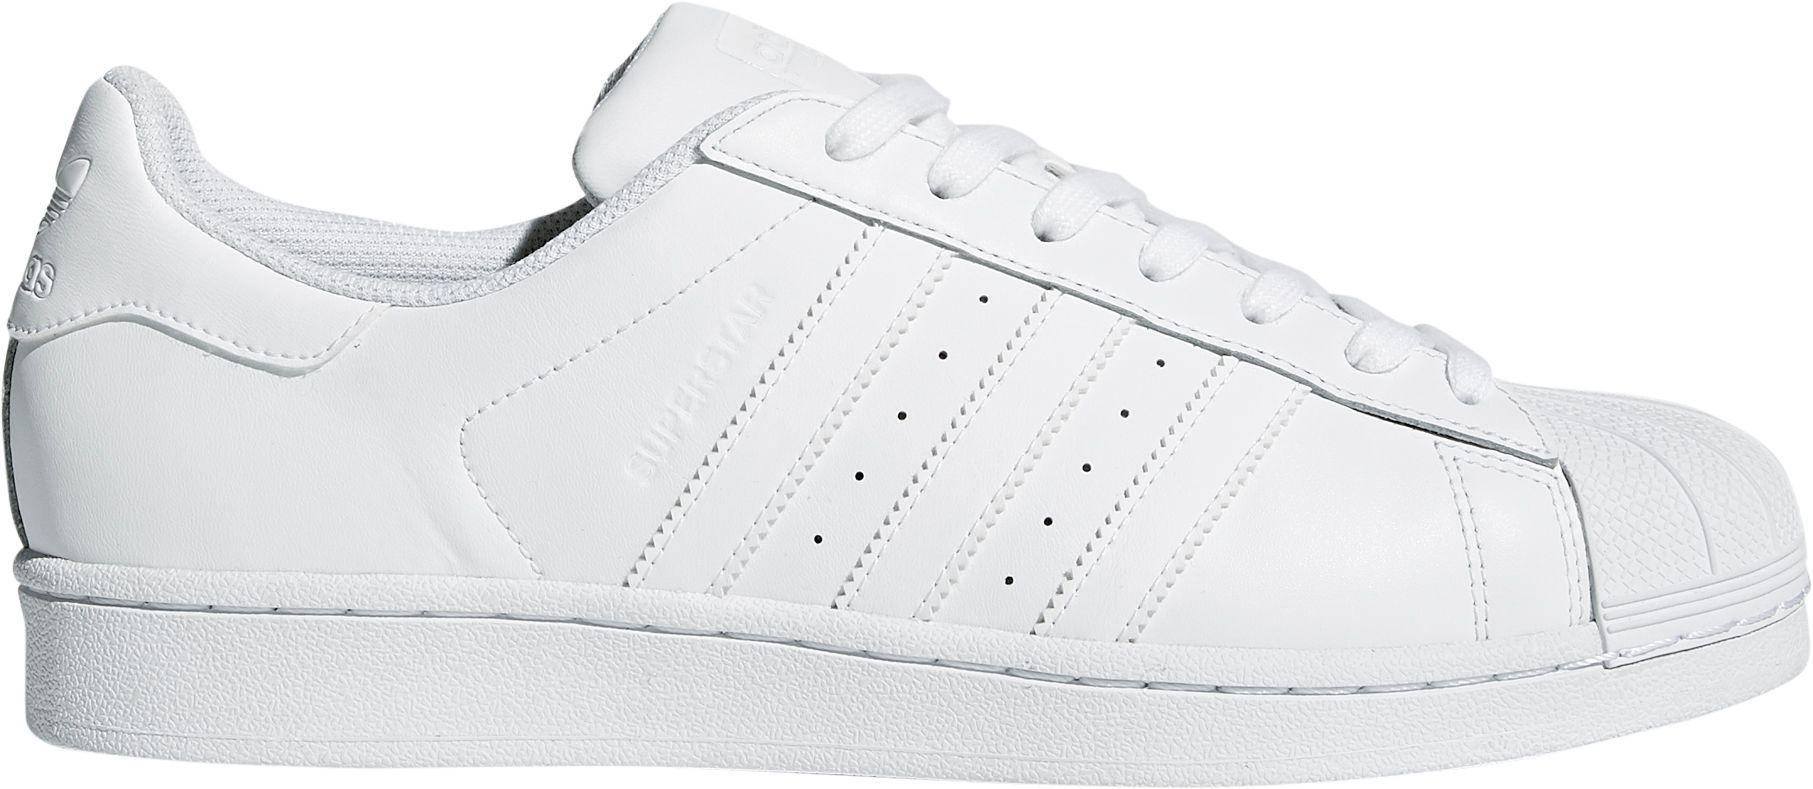 7debfb28b Leaked: Yeezy BOOST 350 V2 Pink Coming Soon Sneaker Freaker